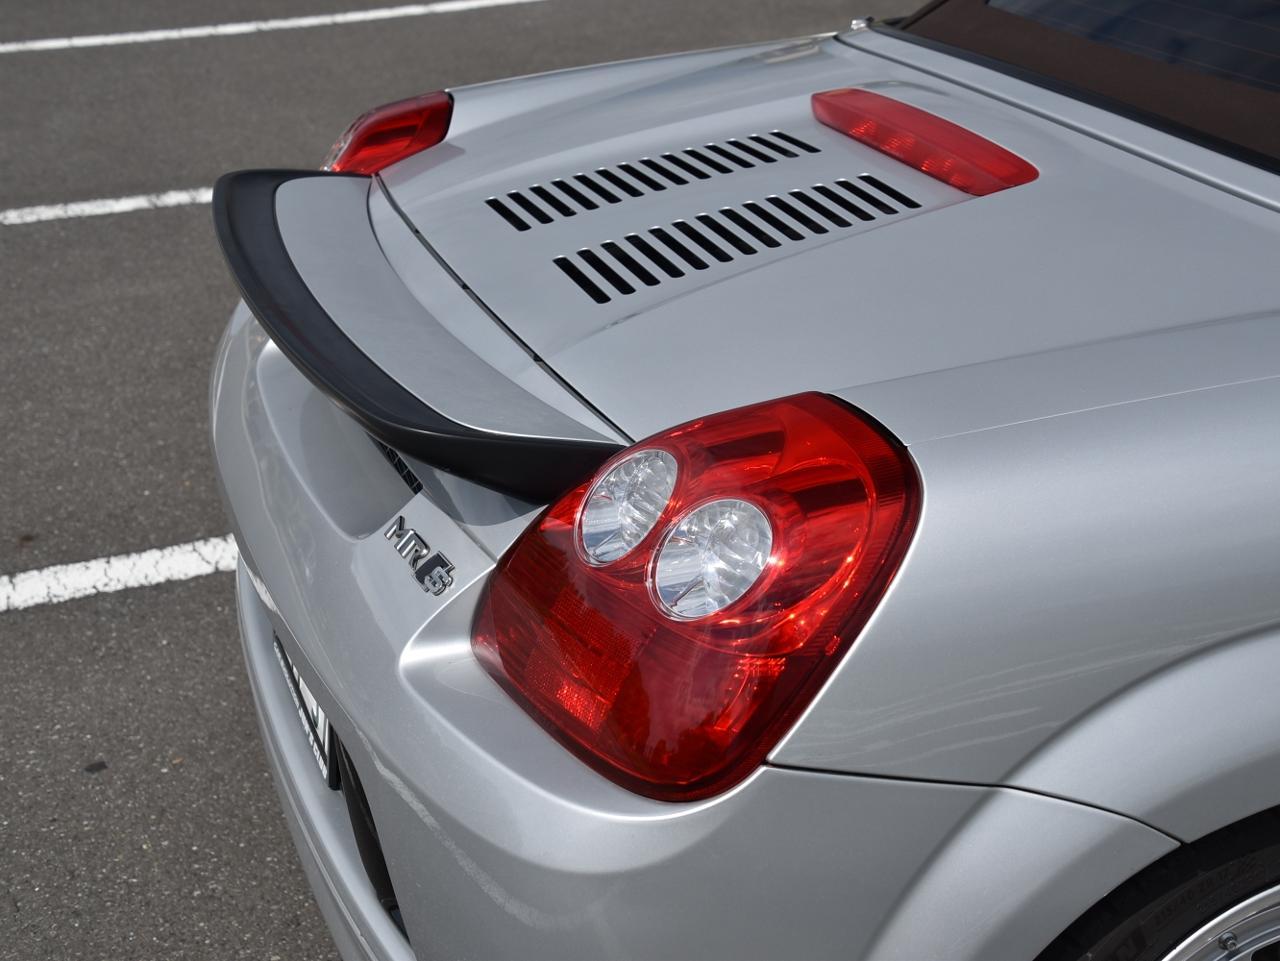 Audi純正(アウディ) Audi TT S-line純正 リアスポイラー